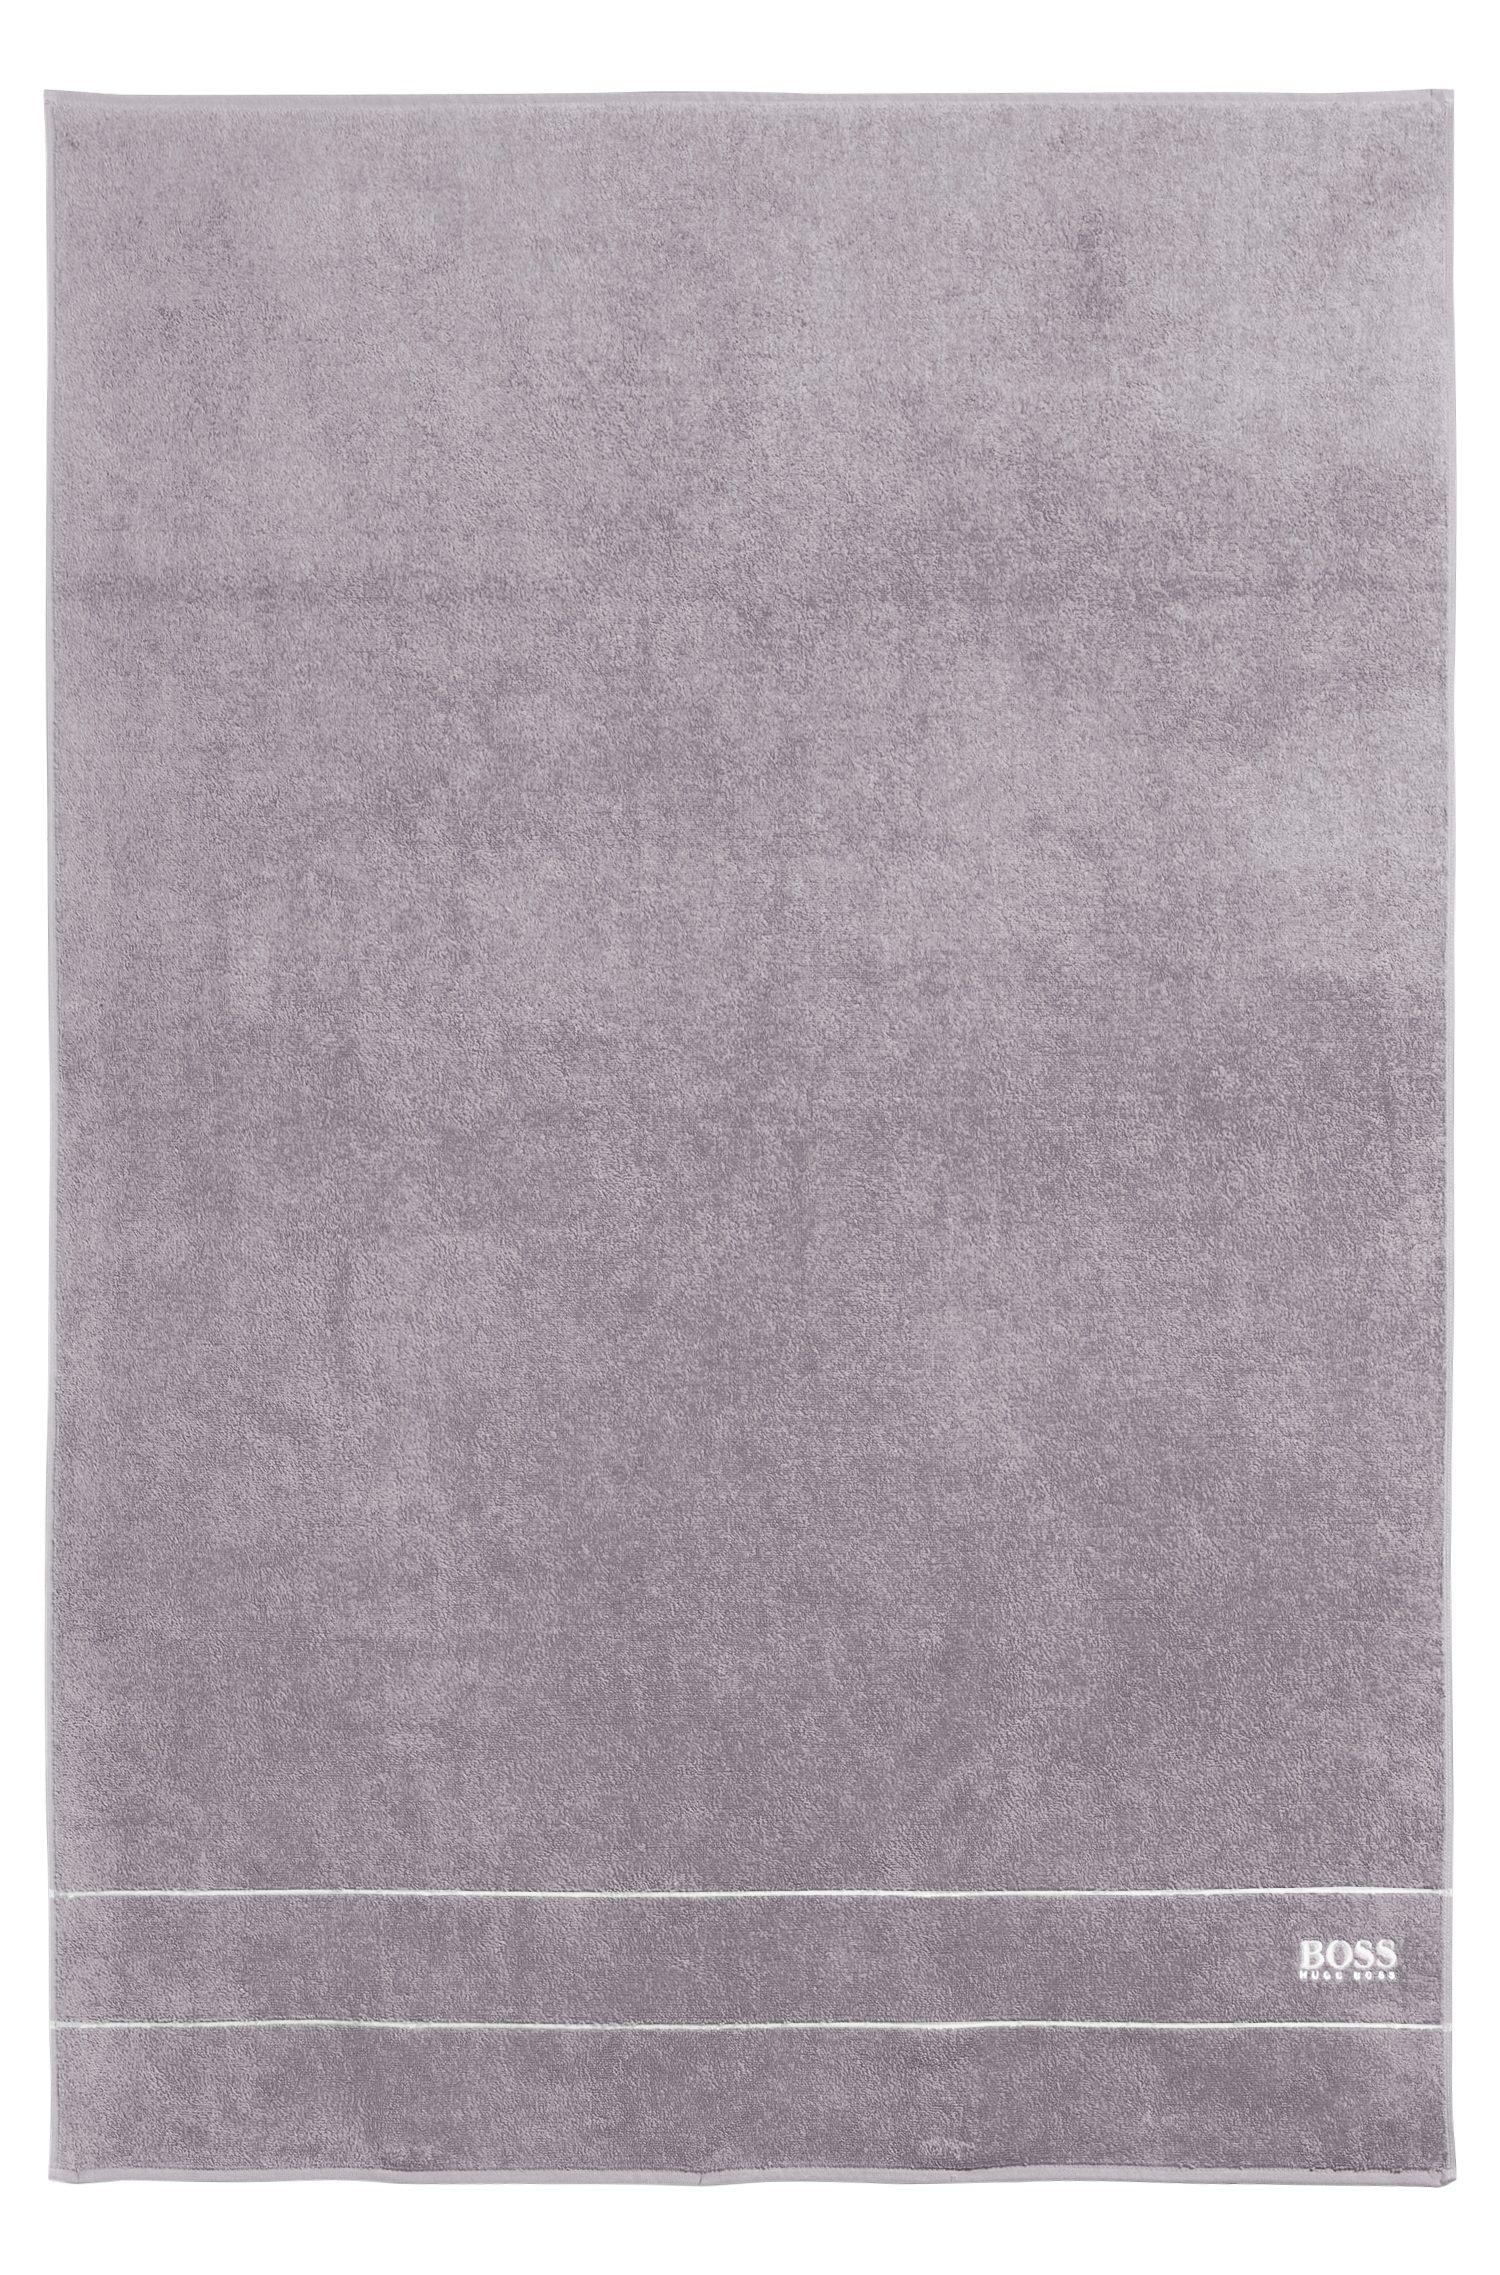 Telo doccia in pregiato cotone egiziano con bordo con logo, Grigio scuro